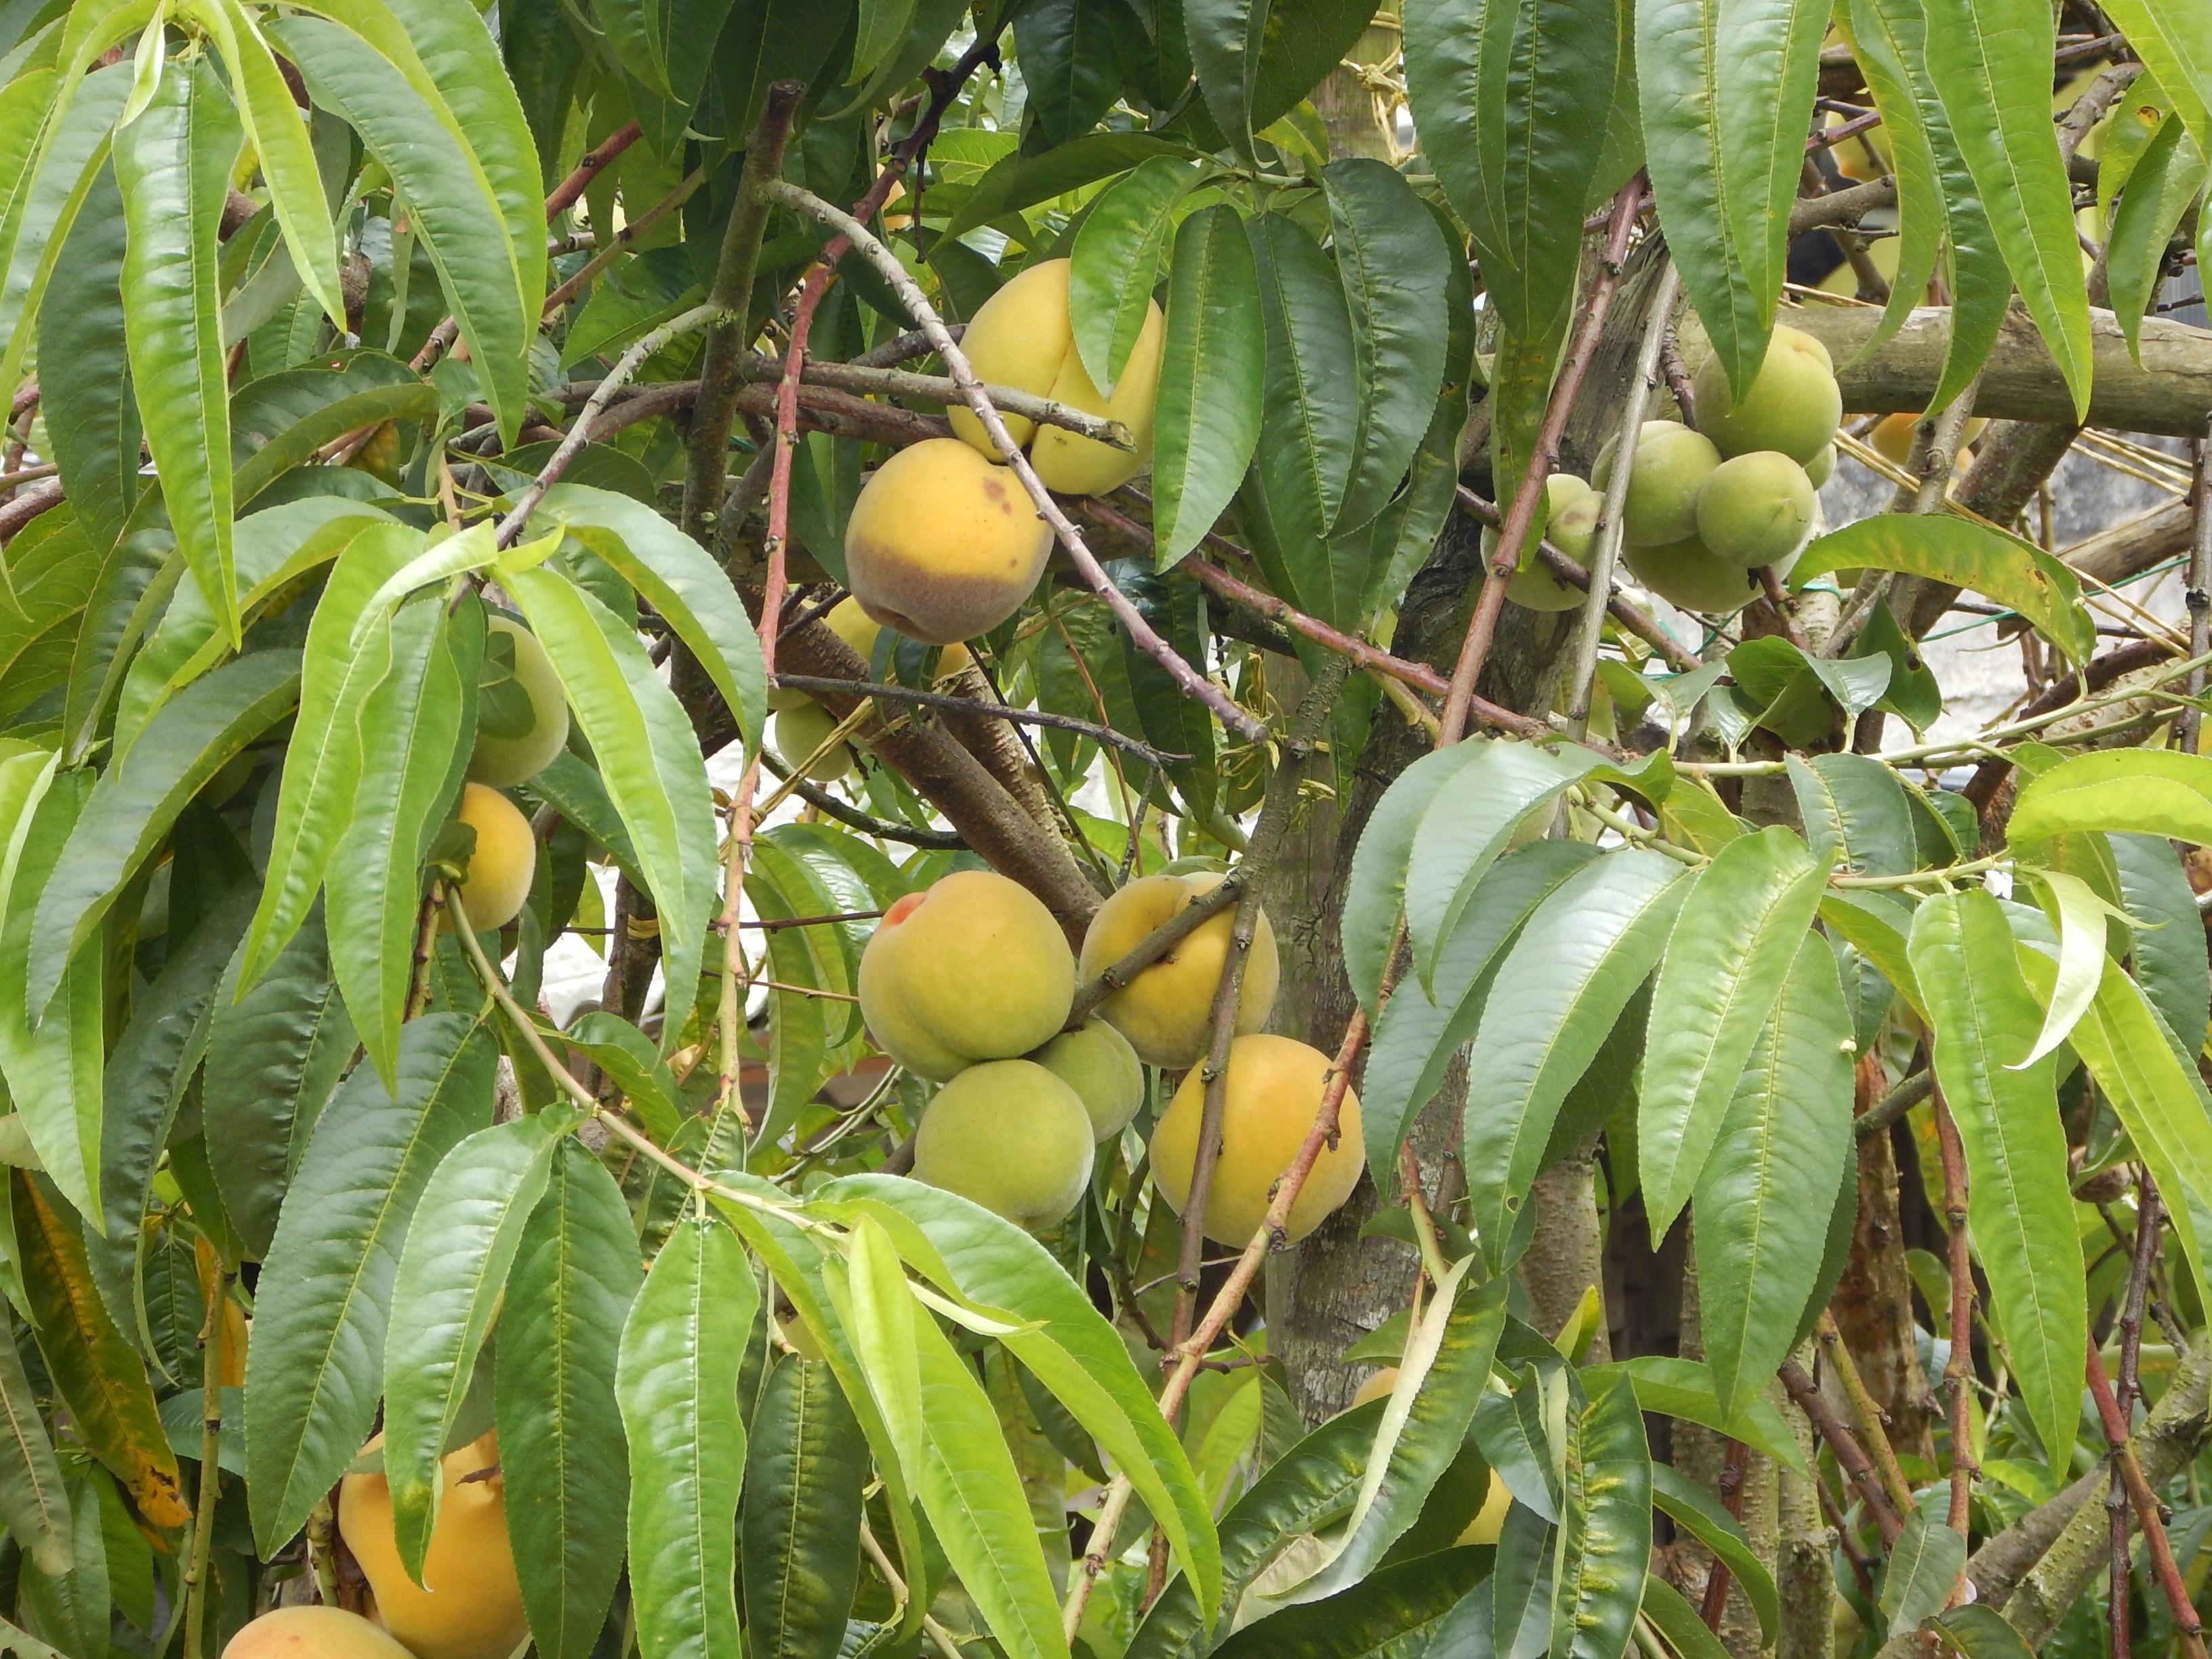 Fotos gratis rbol fruta flor salvaje comida for Arboles frutales de hoja caduca